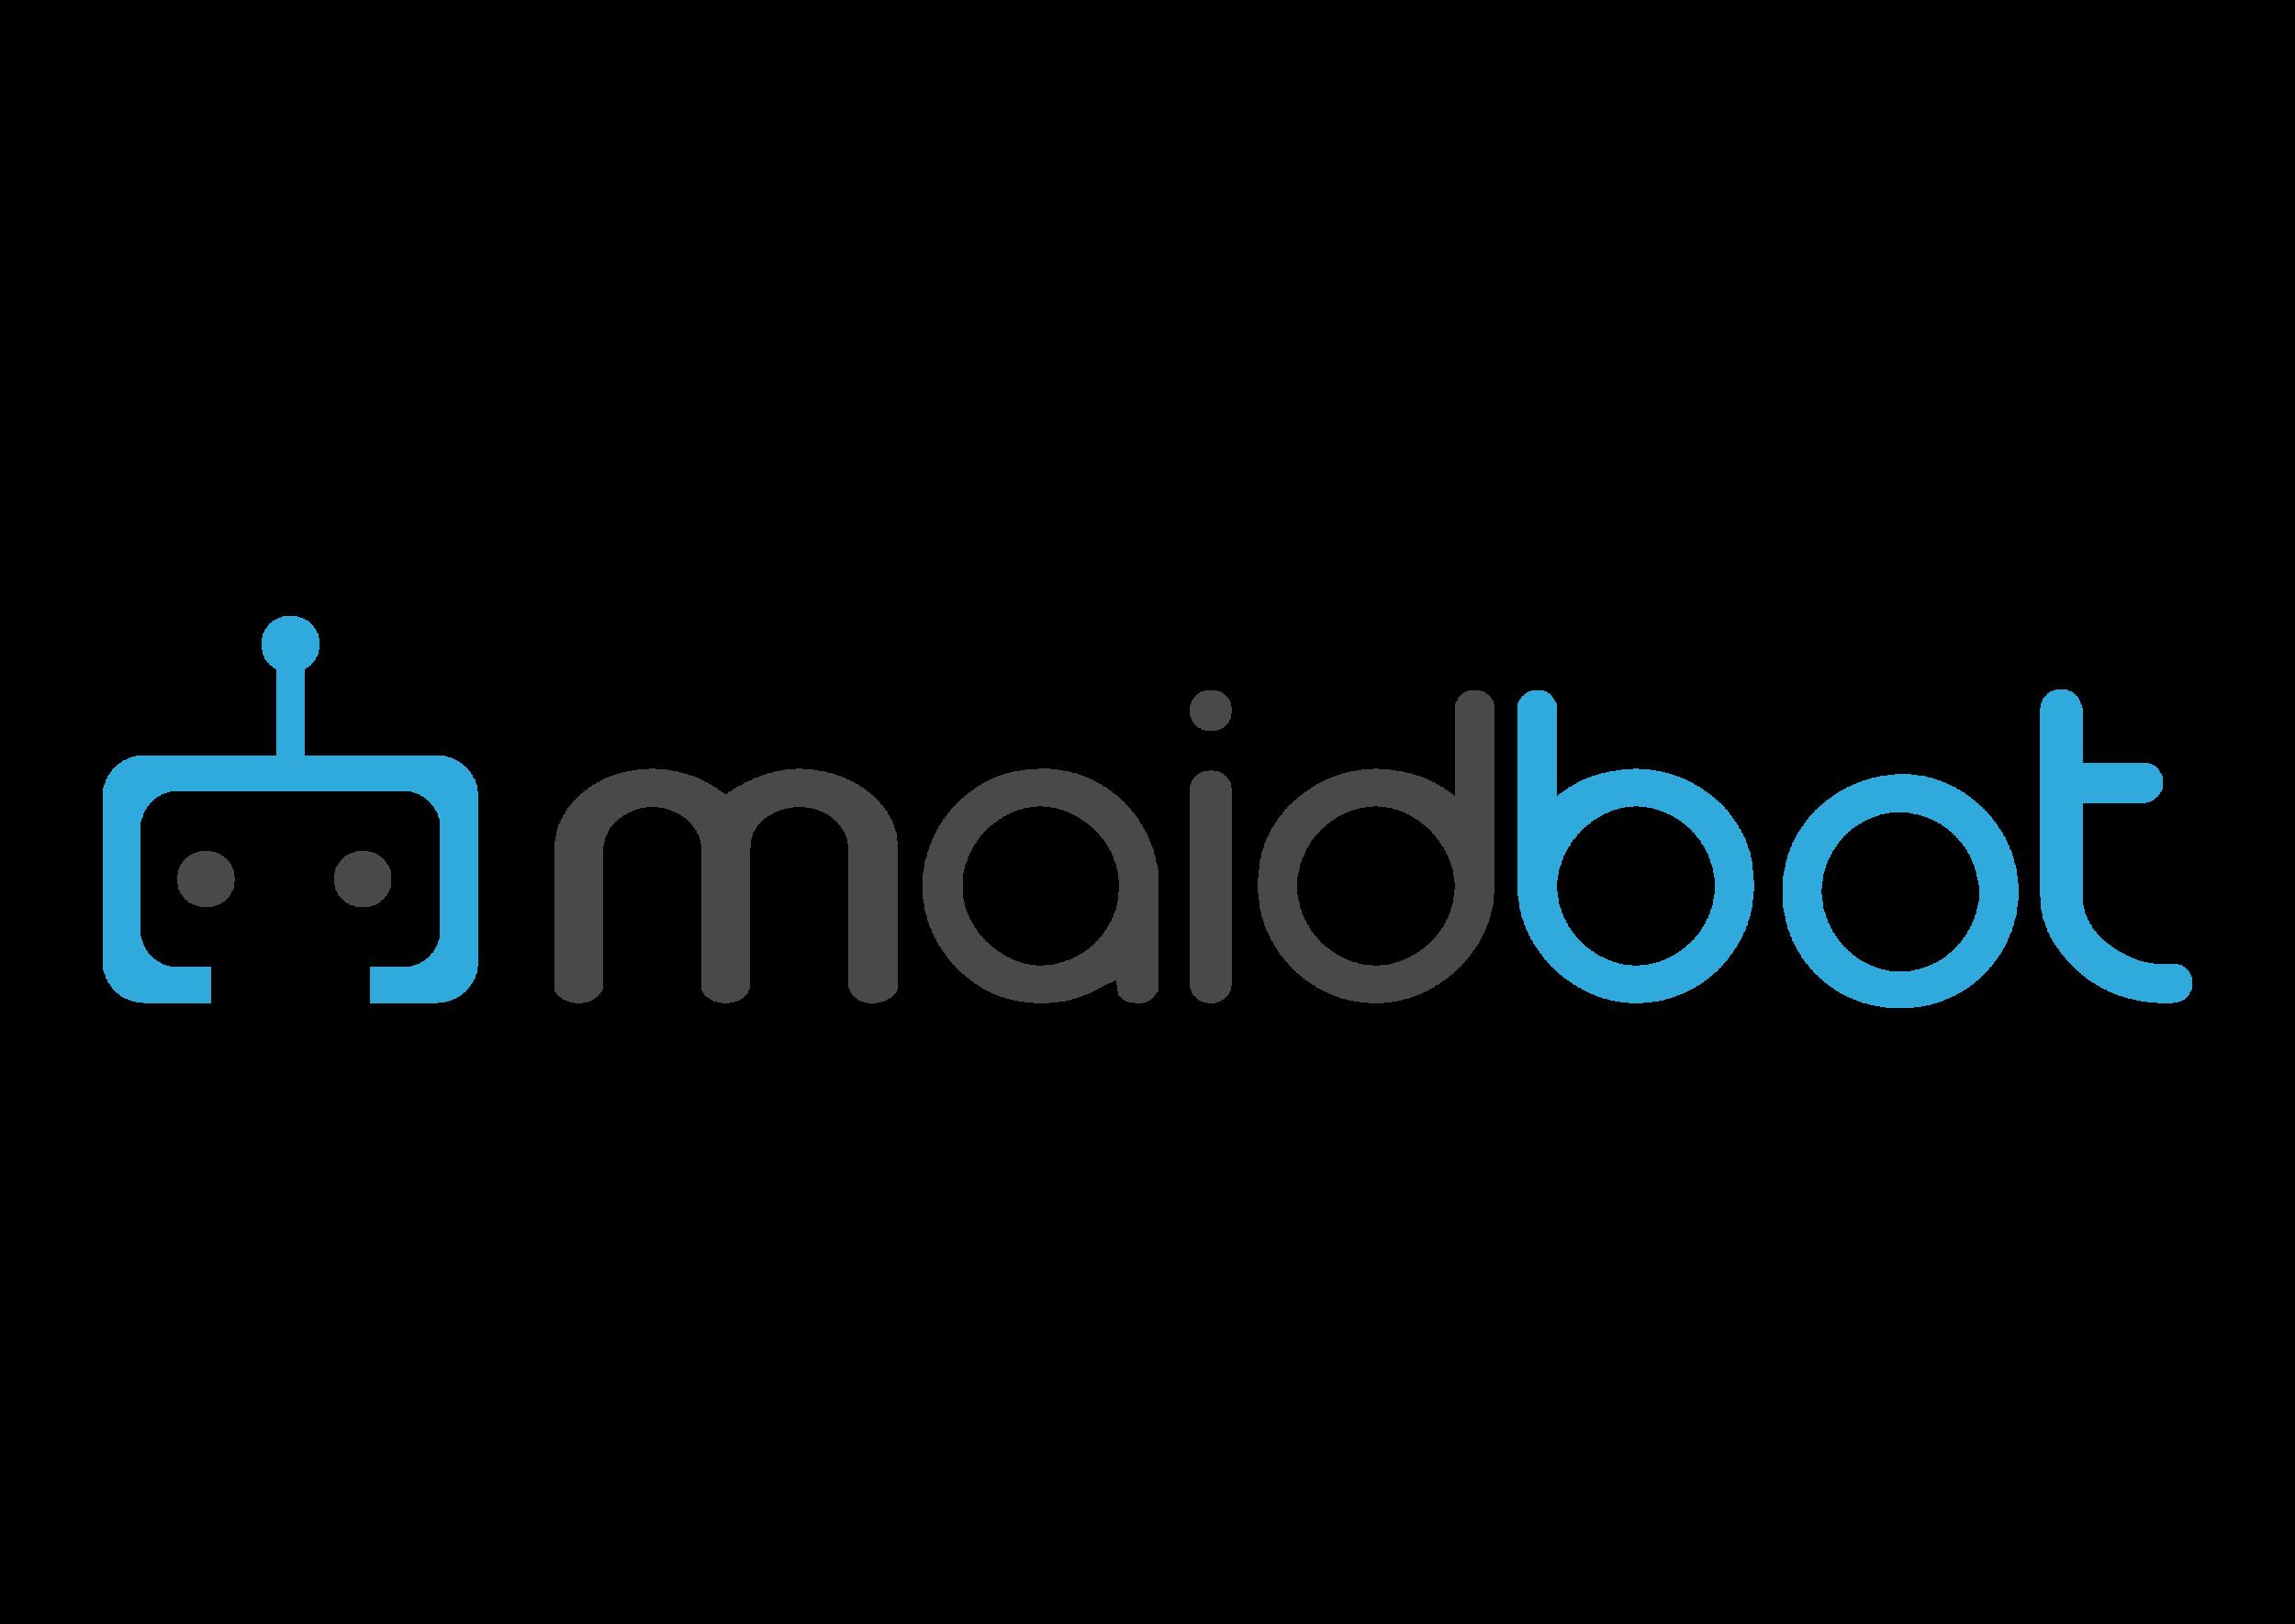 maidbot-transprnt bckground.png